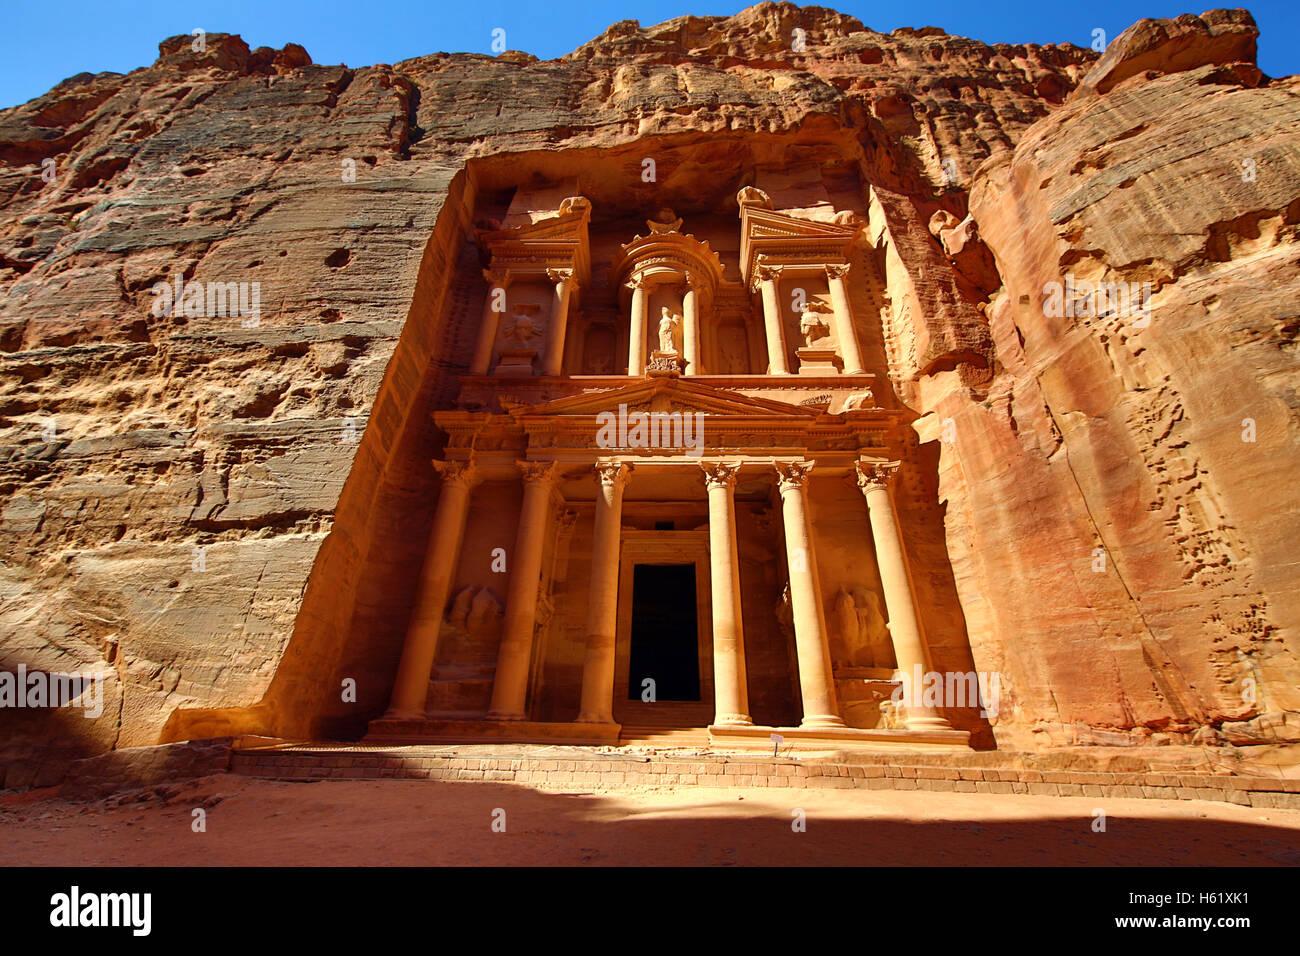 Vue de la trésorerie, Al-Khazneh, Petra, Jordanie Photo Stock